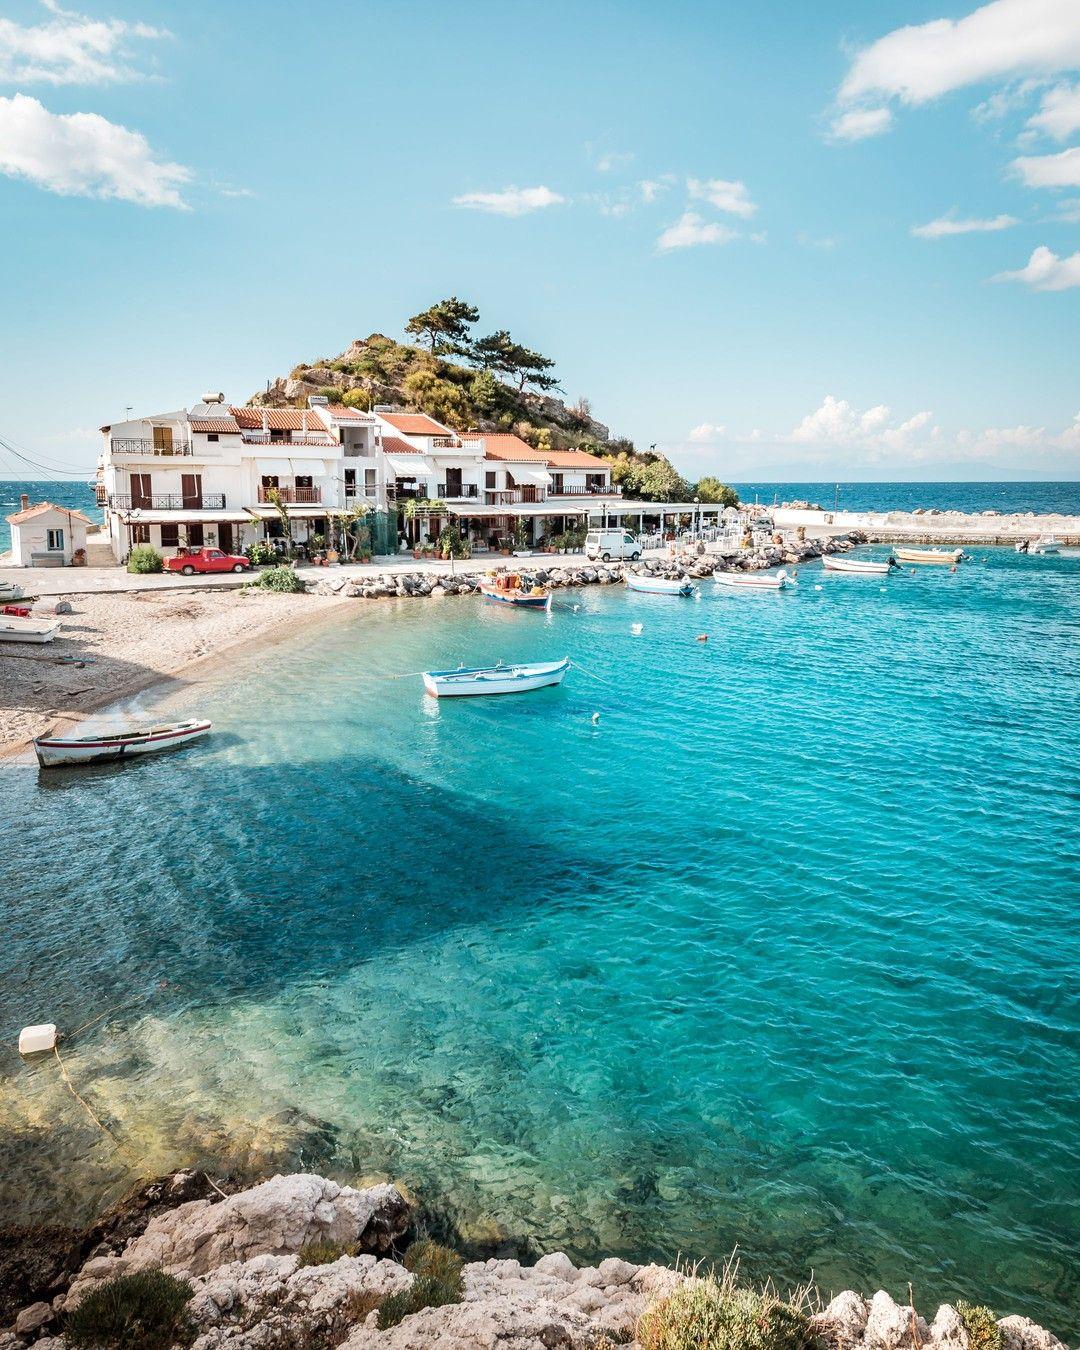 Greecemoments Posted To Instagram Samos Griechenland Fur Welchen Urlaubstyp Ist Die Insel Geeignet Samos Ist Vor Allem E Reizen Griekenland Afbeeldingen